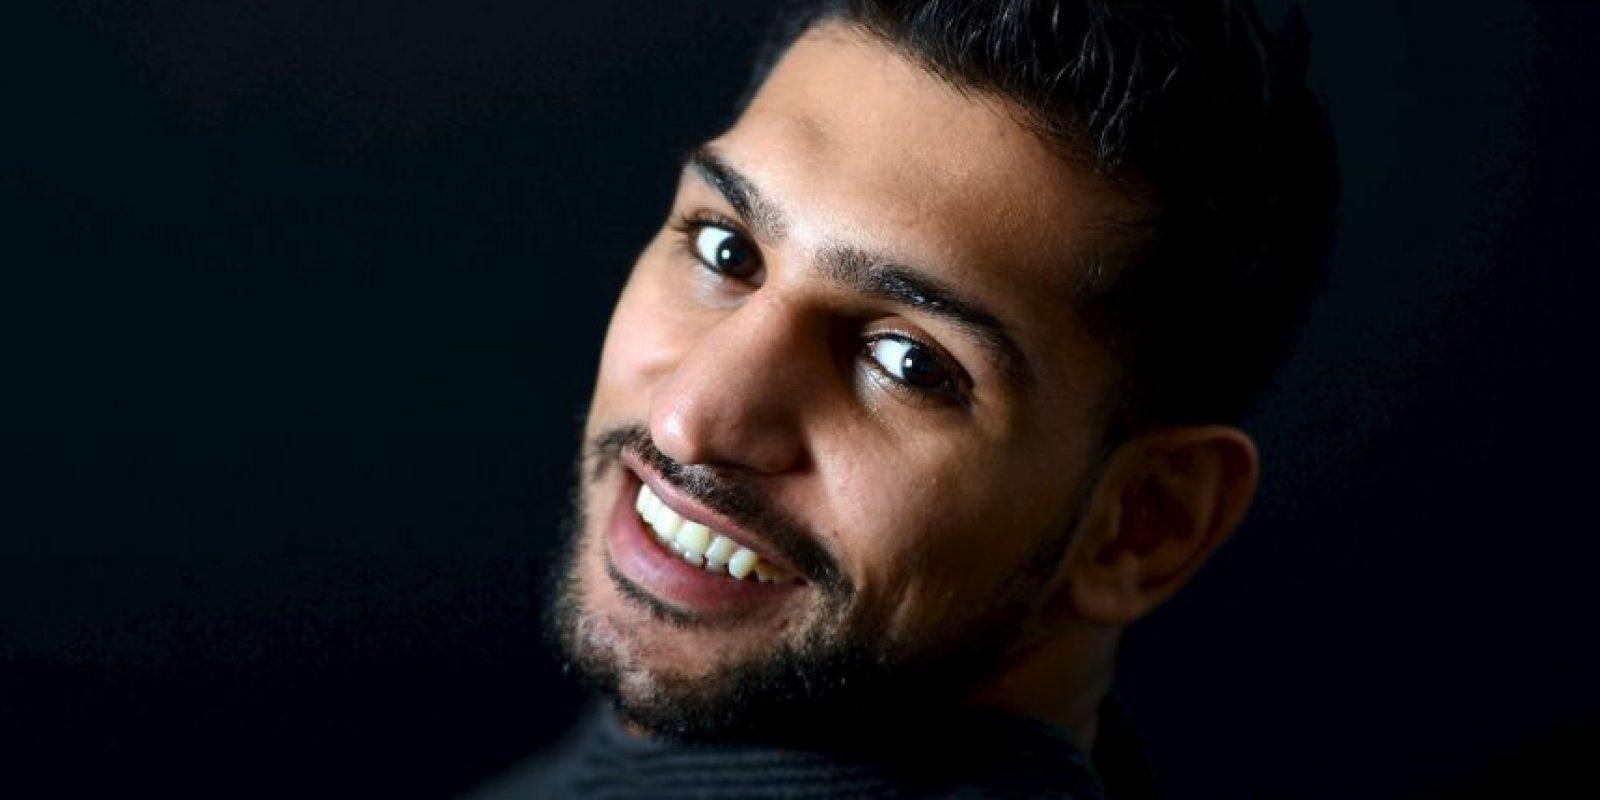 """El """"elegido"""" para la última pelea de """"Money"""" sería Amir Khan, según palabras de Floyd Mayweather padre. Foto:Getty Images"""